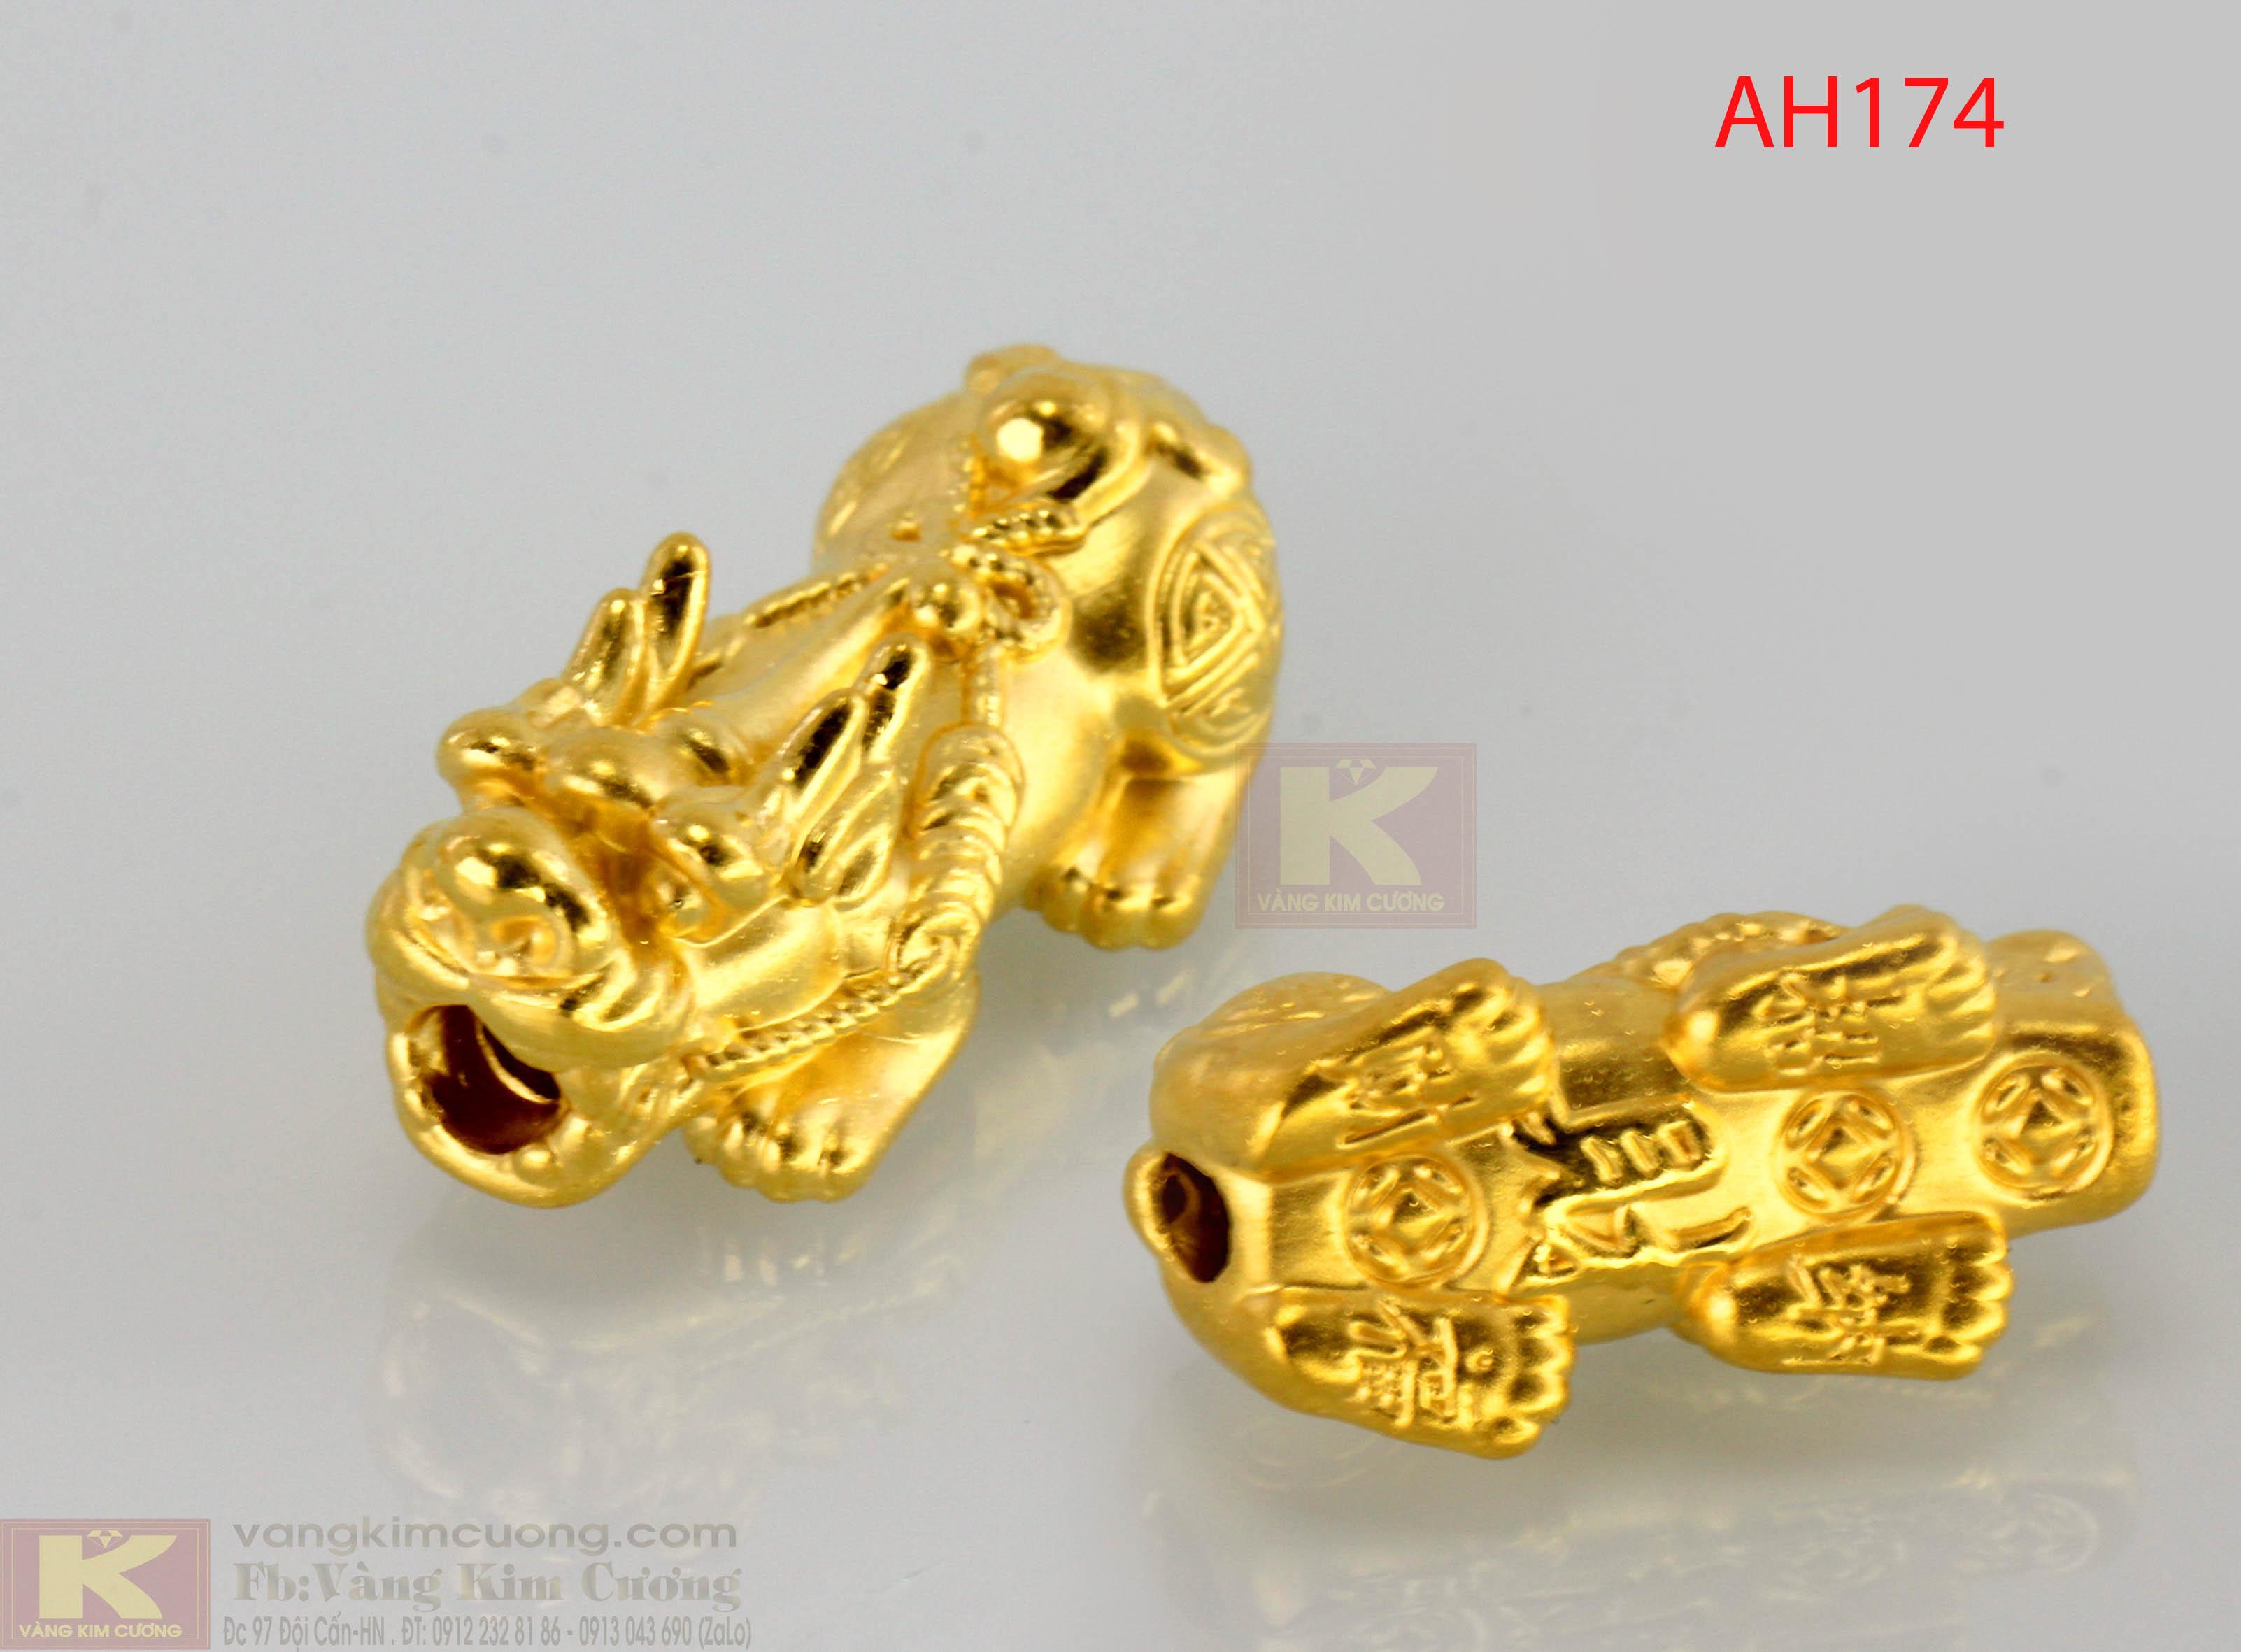 Tỳ hưu vàng 24k mã AH174